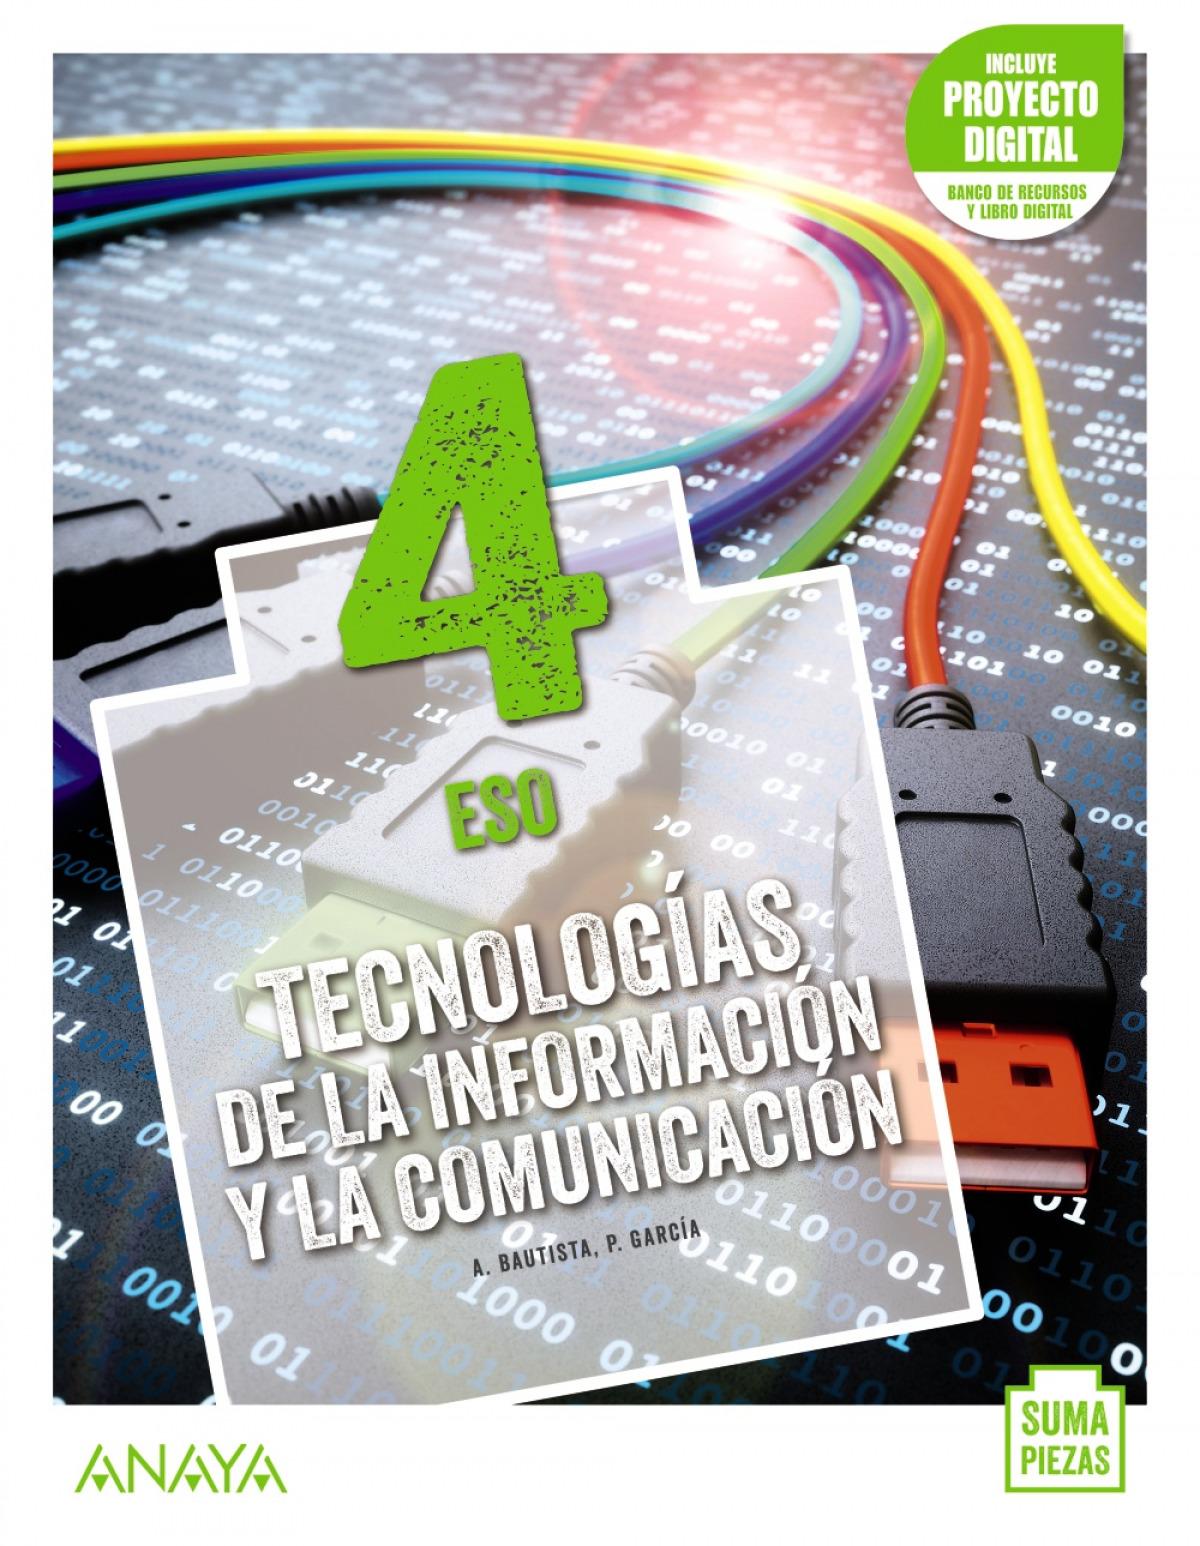 Tecnologías de la Información y la Comunicación 4.